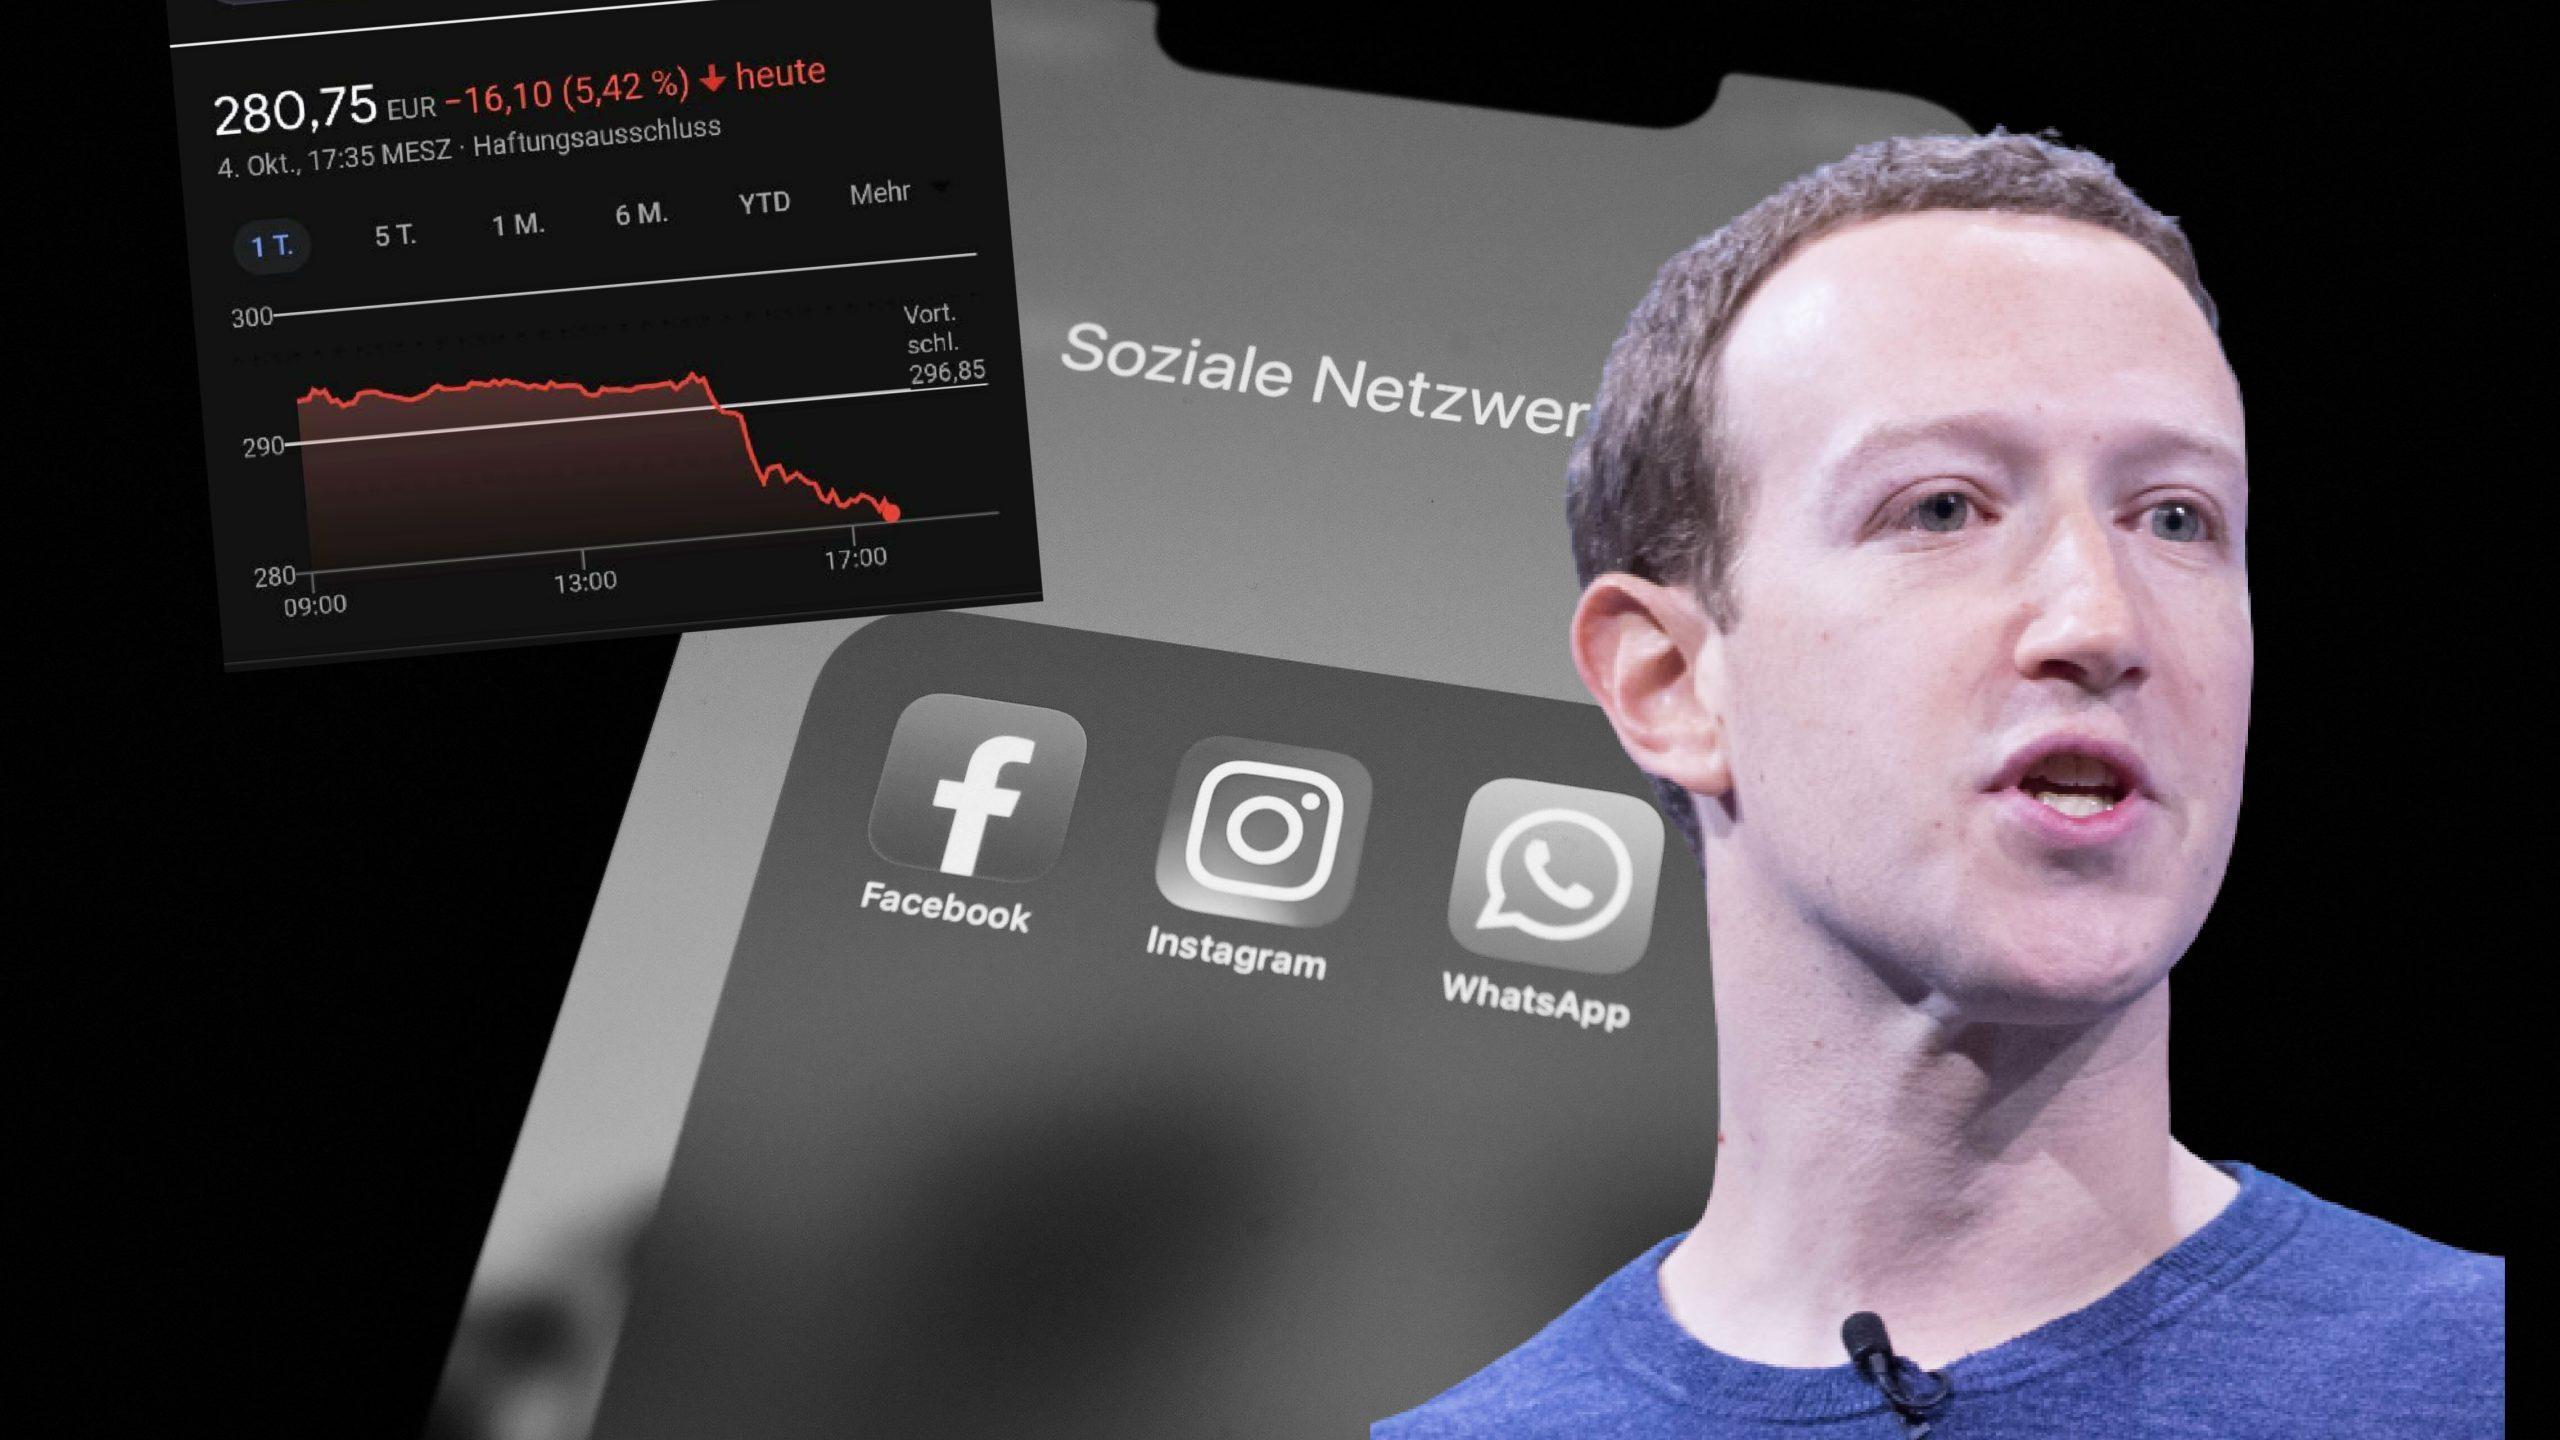 facebook-im-mega-aktien-tief-–-blackout-–-seiten-funktionieren-nur-noch-im-iran!